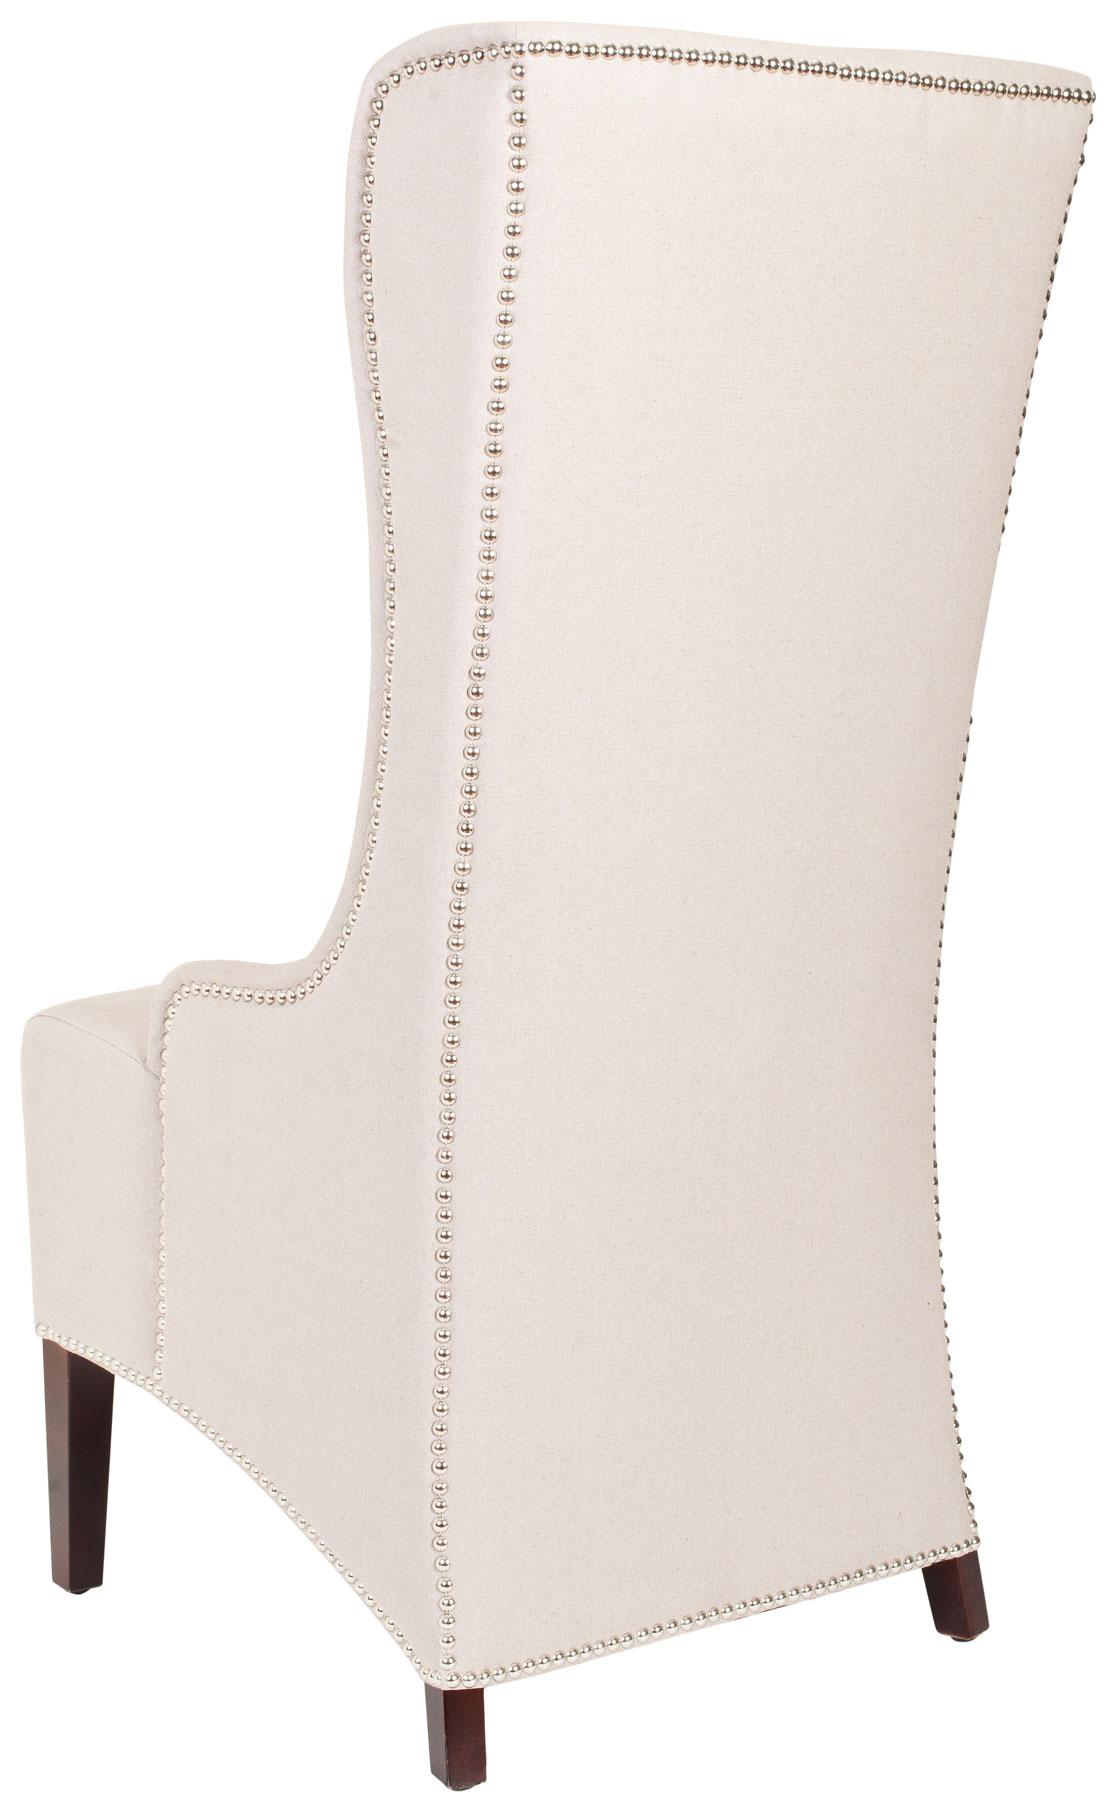 Becall 20u0027u0027h Linen Dining Chair Design: MCR4501F